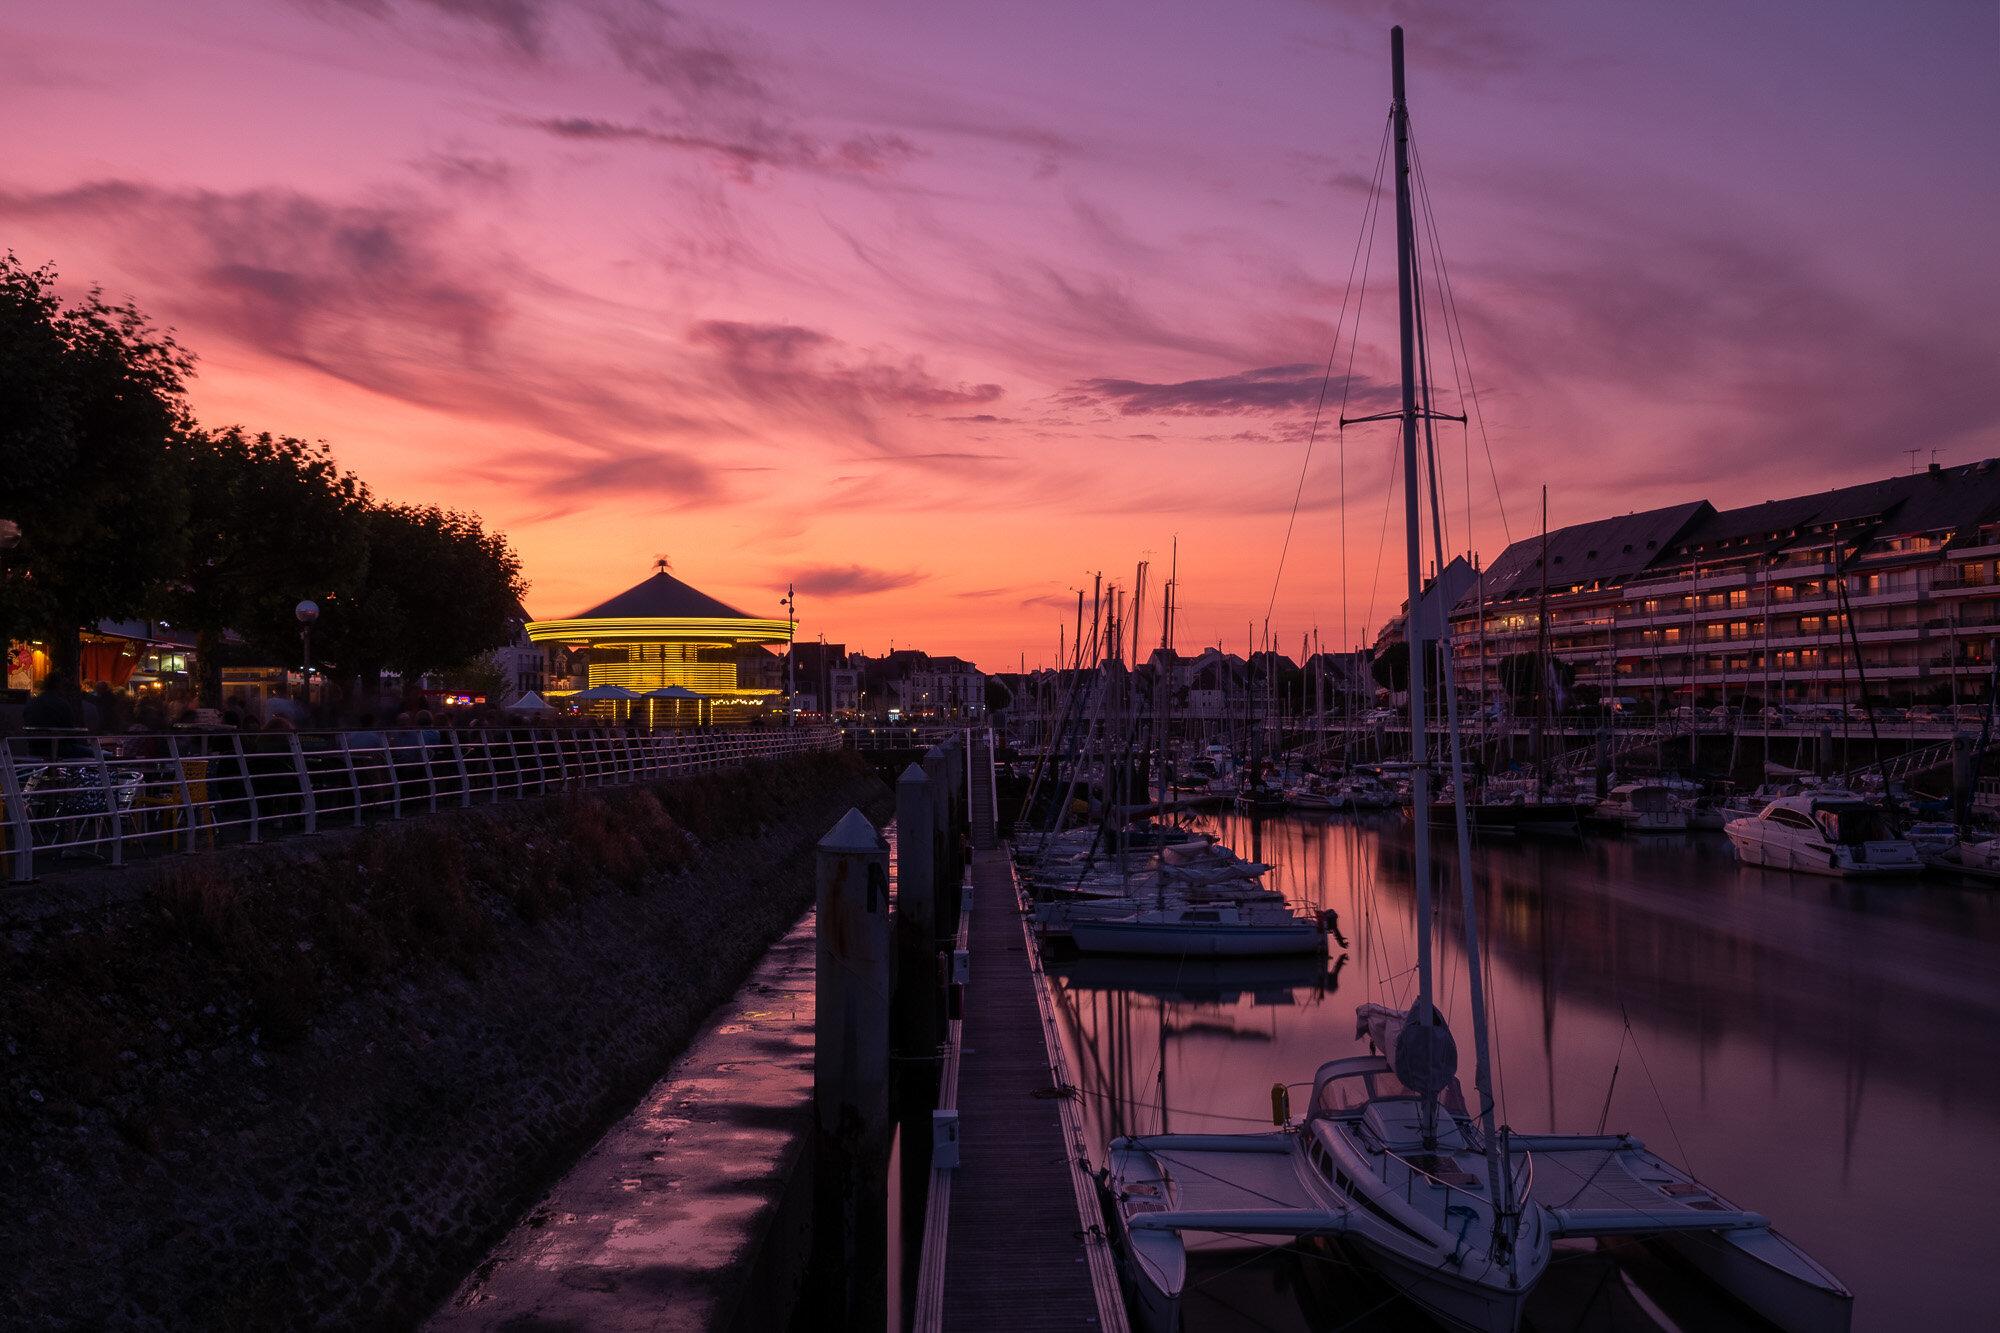 © Raphaël Ricklin (Sunrise/Sunset assignment)